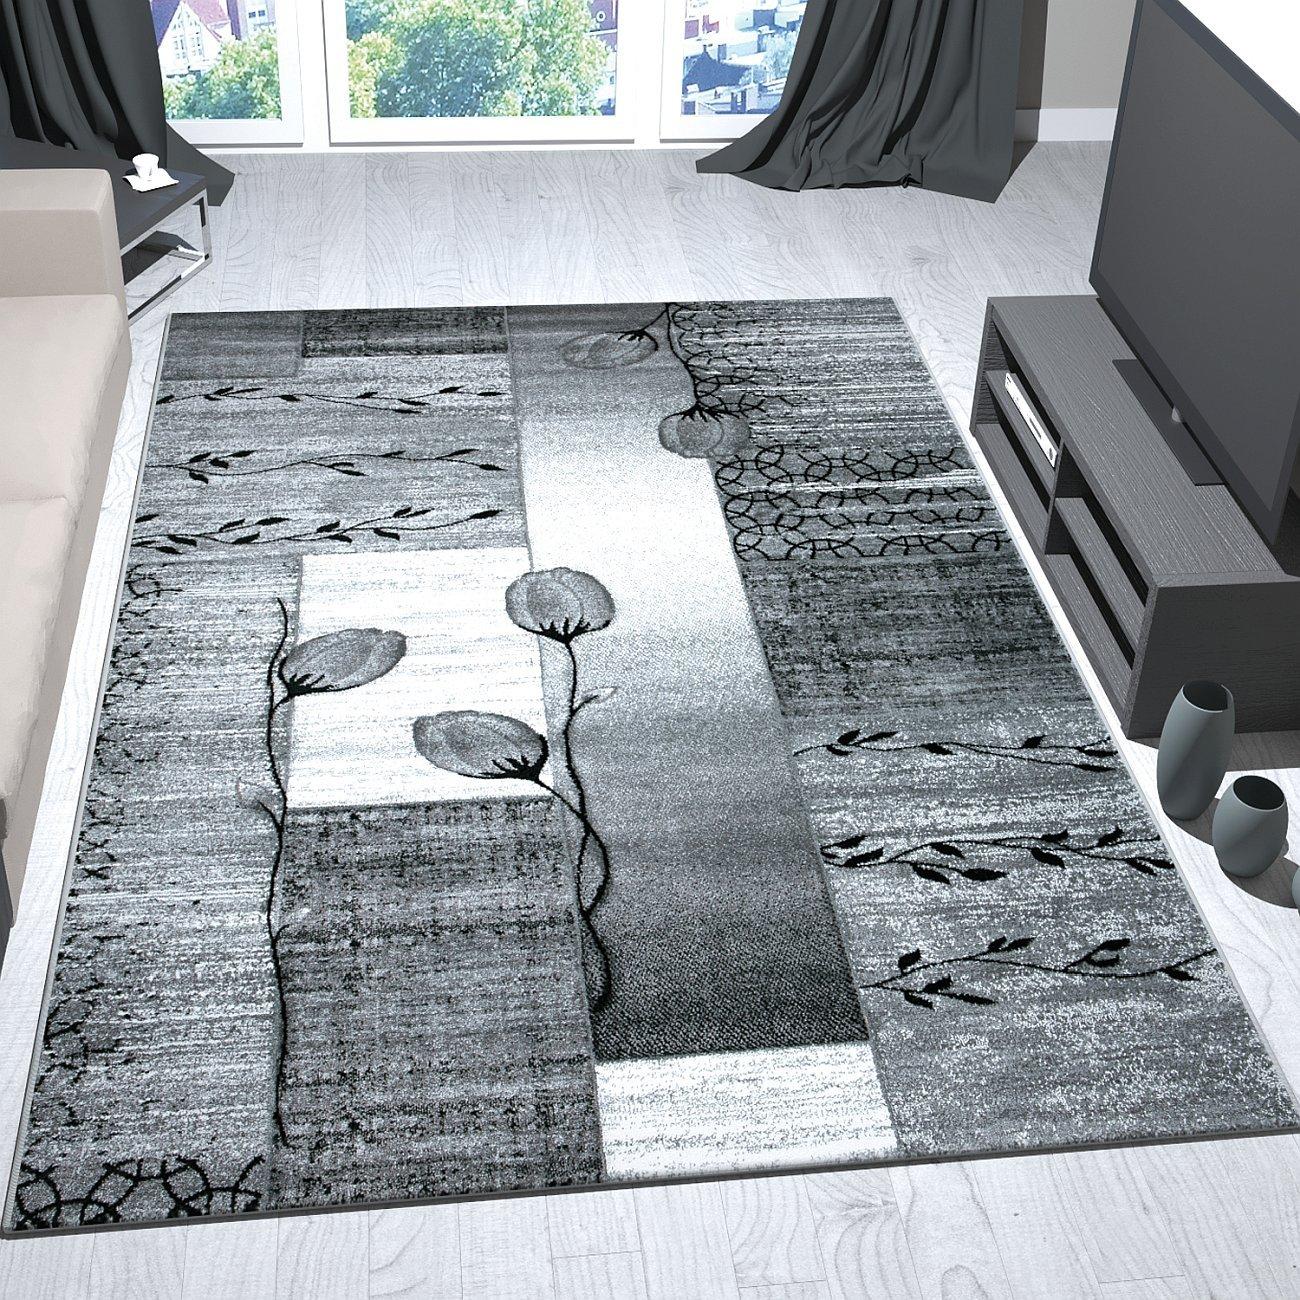 VIMODA Moderner Wohnzimmer Teppich Grau, Schwarz, Creme mit Blumen und Pflanzen Muster, Maße 200x290 cm